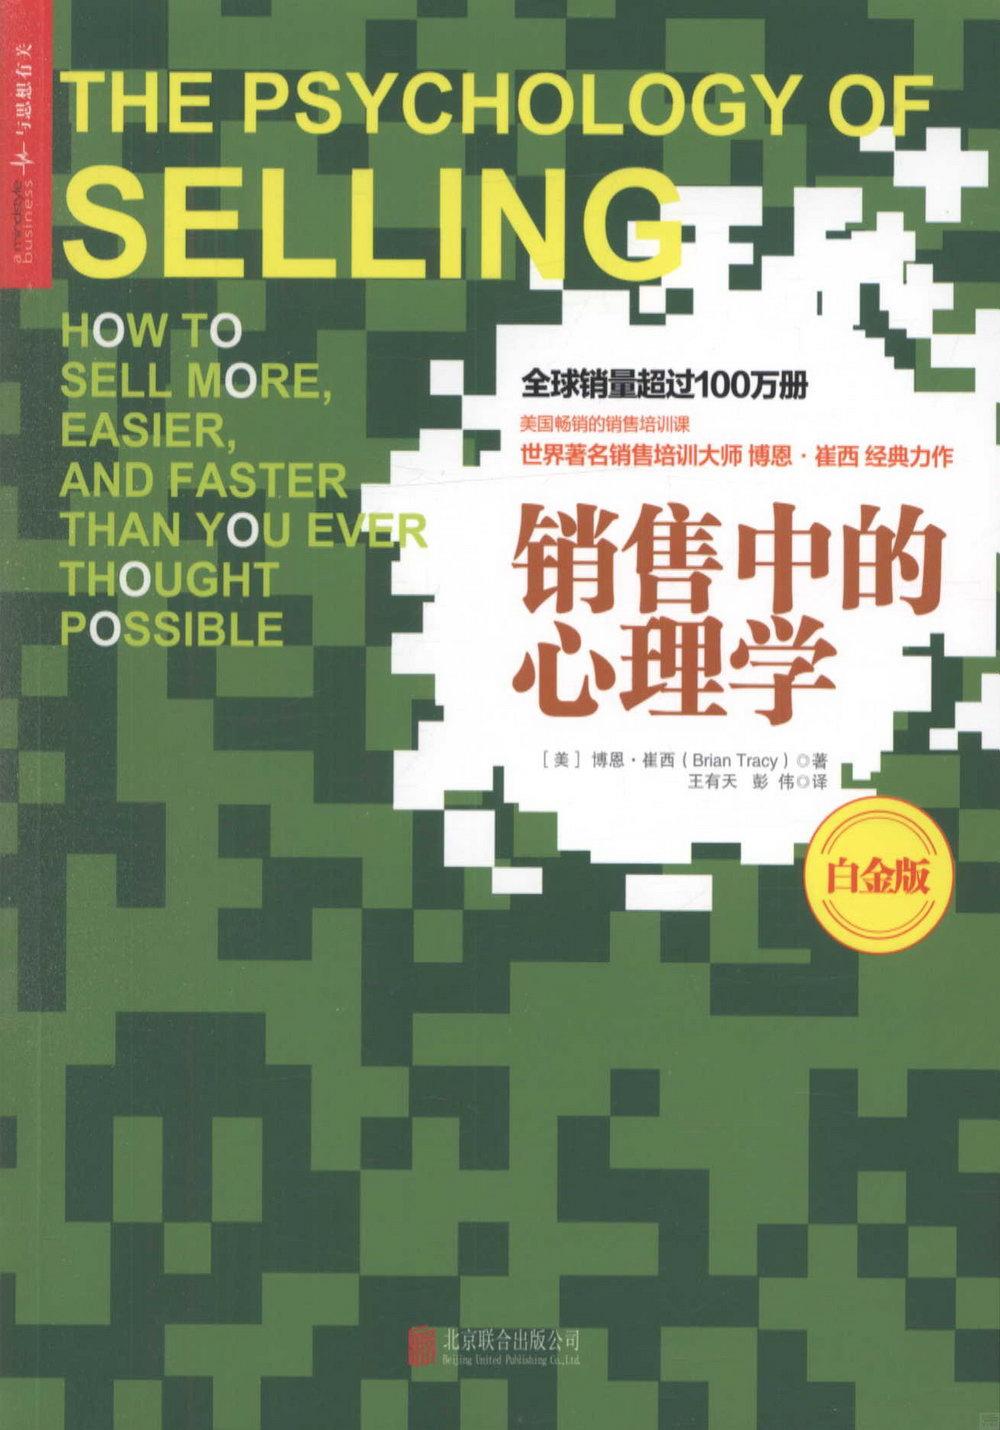 銷售中的心理學(白金版)